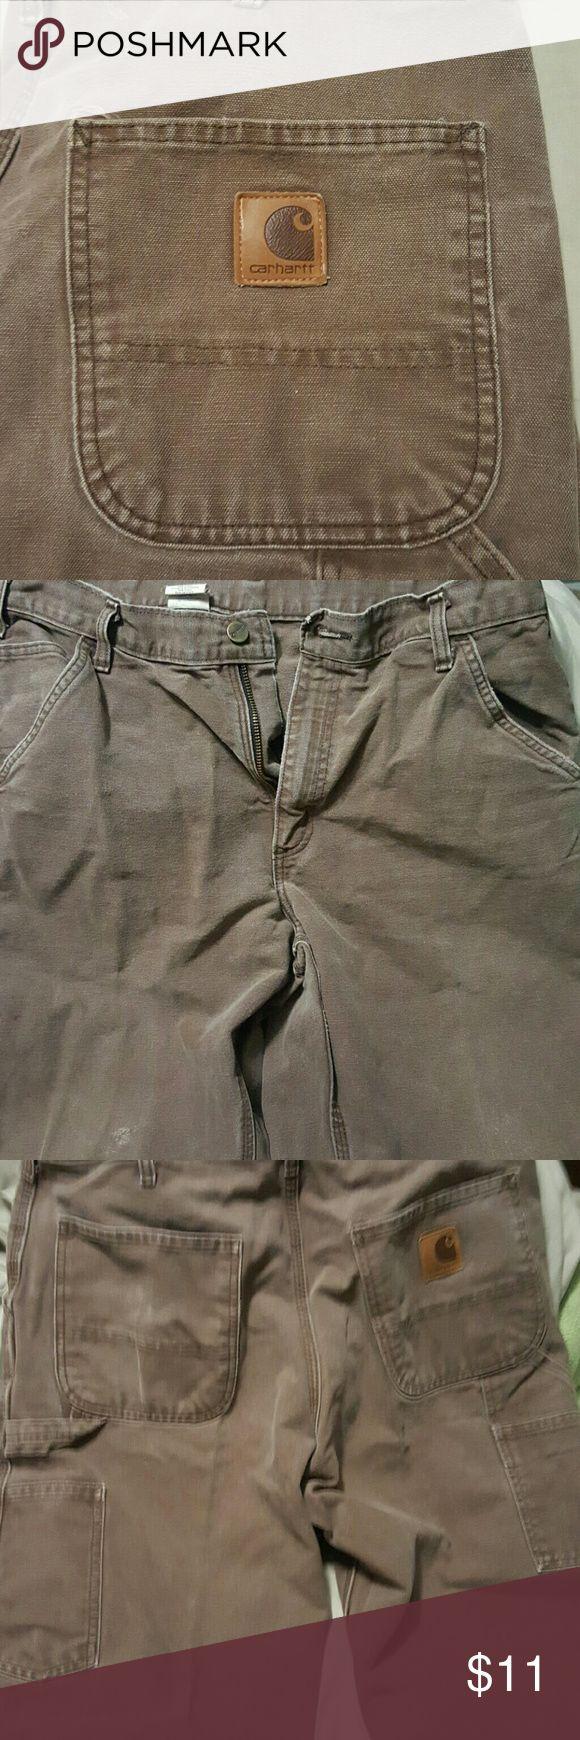 Men's brown Carhartt cargo work pants Men's brown Carhartt cargo work pants. Size 34 x 30. One pair left!! Carhartt Pants Cargo